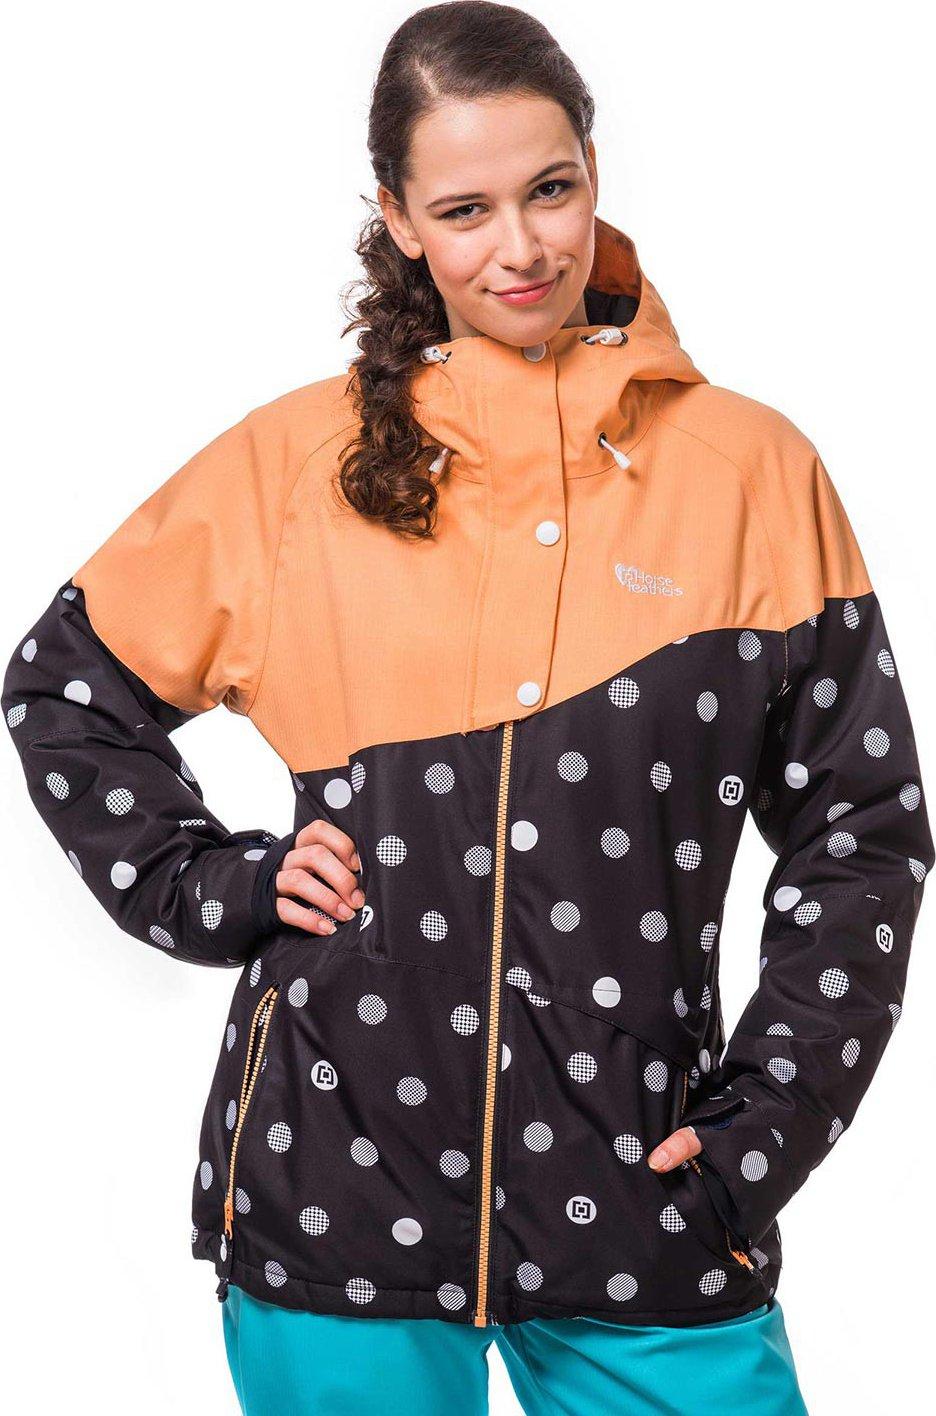 26b571a54 Horsefeathers Coralie black dots | Zboží.cz